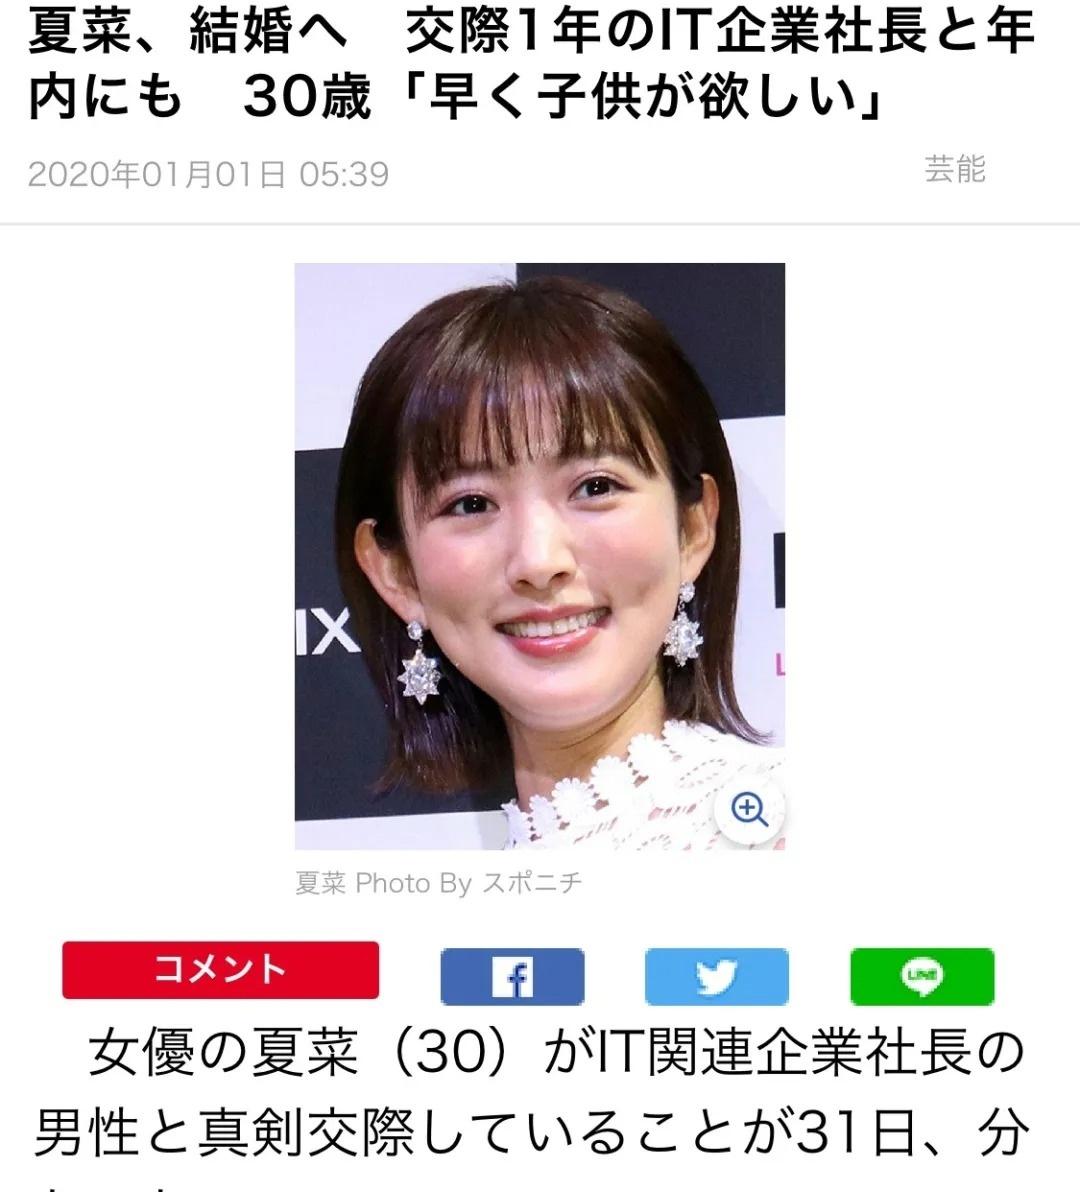 离爆红只差一点点的日本演员夏菜将和圈外男友结婚 (9)